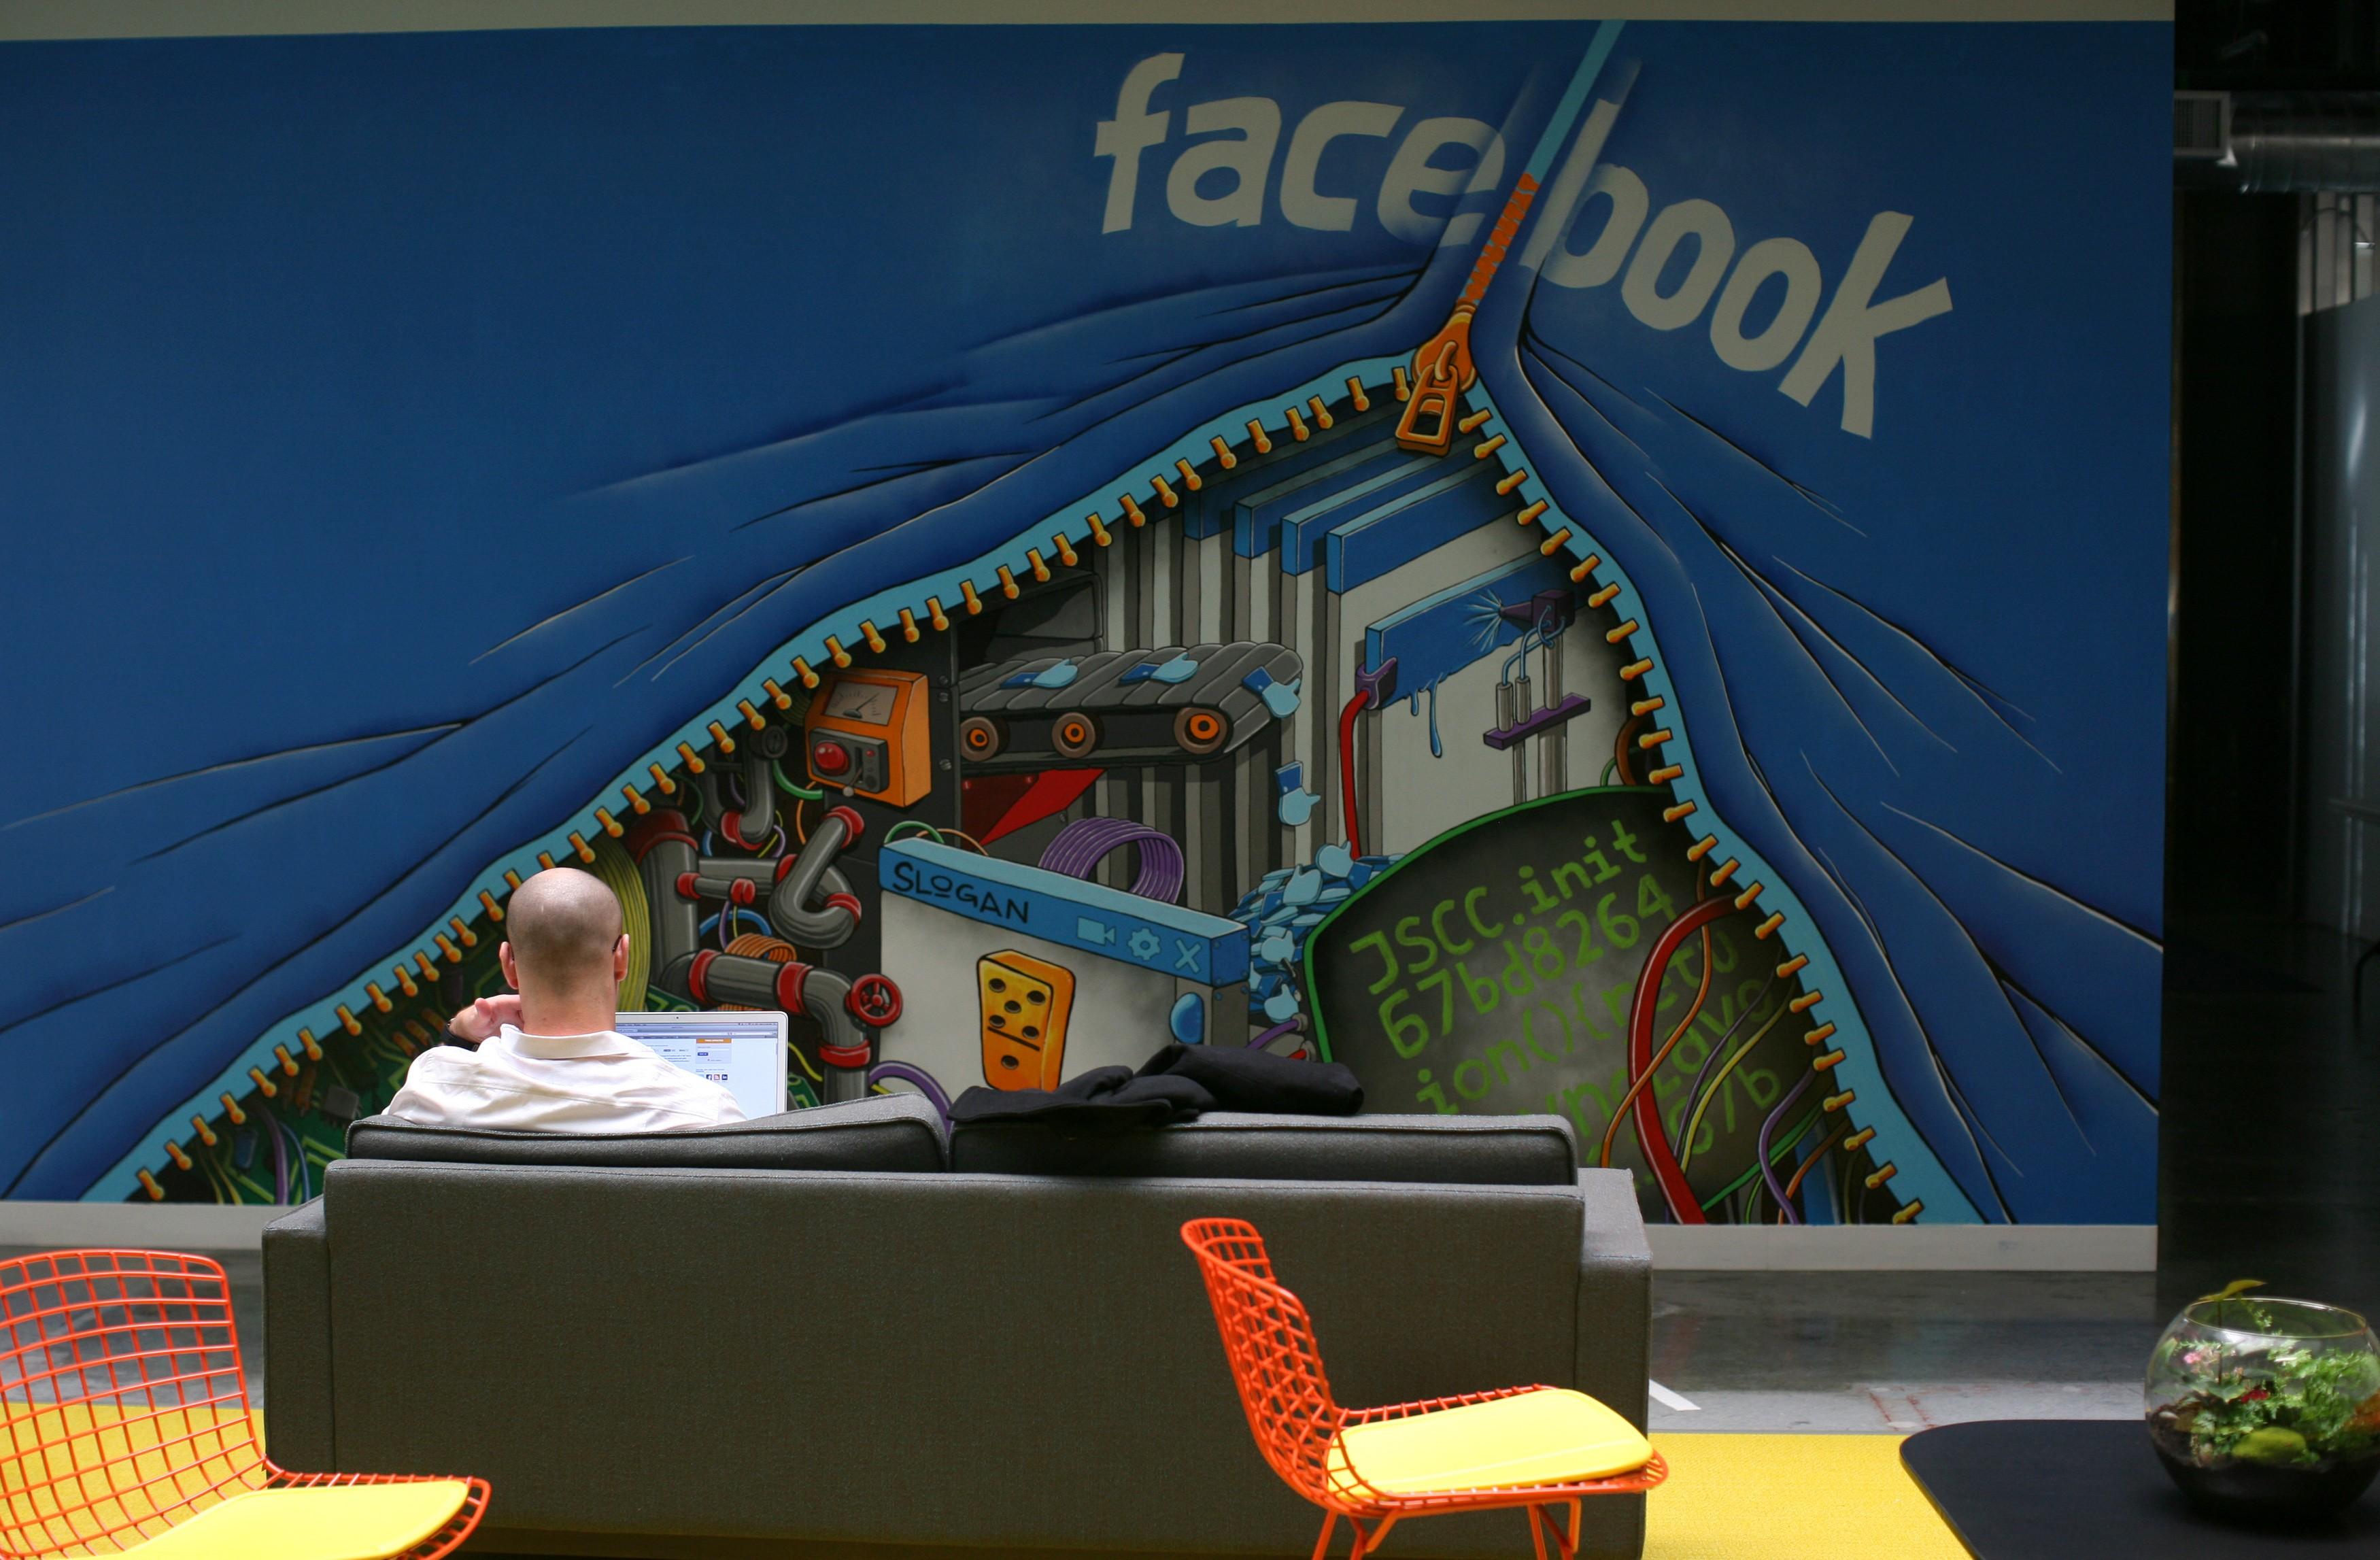 Суд отклонил иск к Facebook на $15 млрд о слежке за пользователями